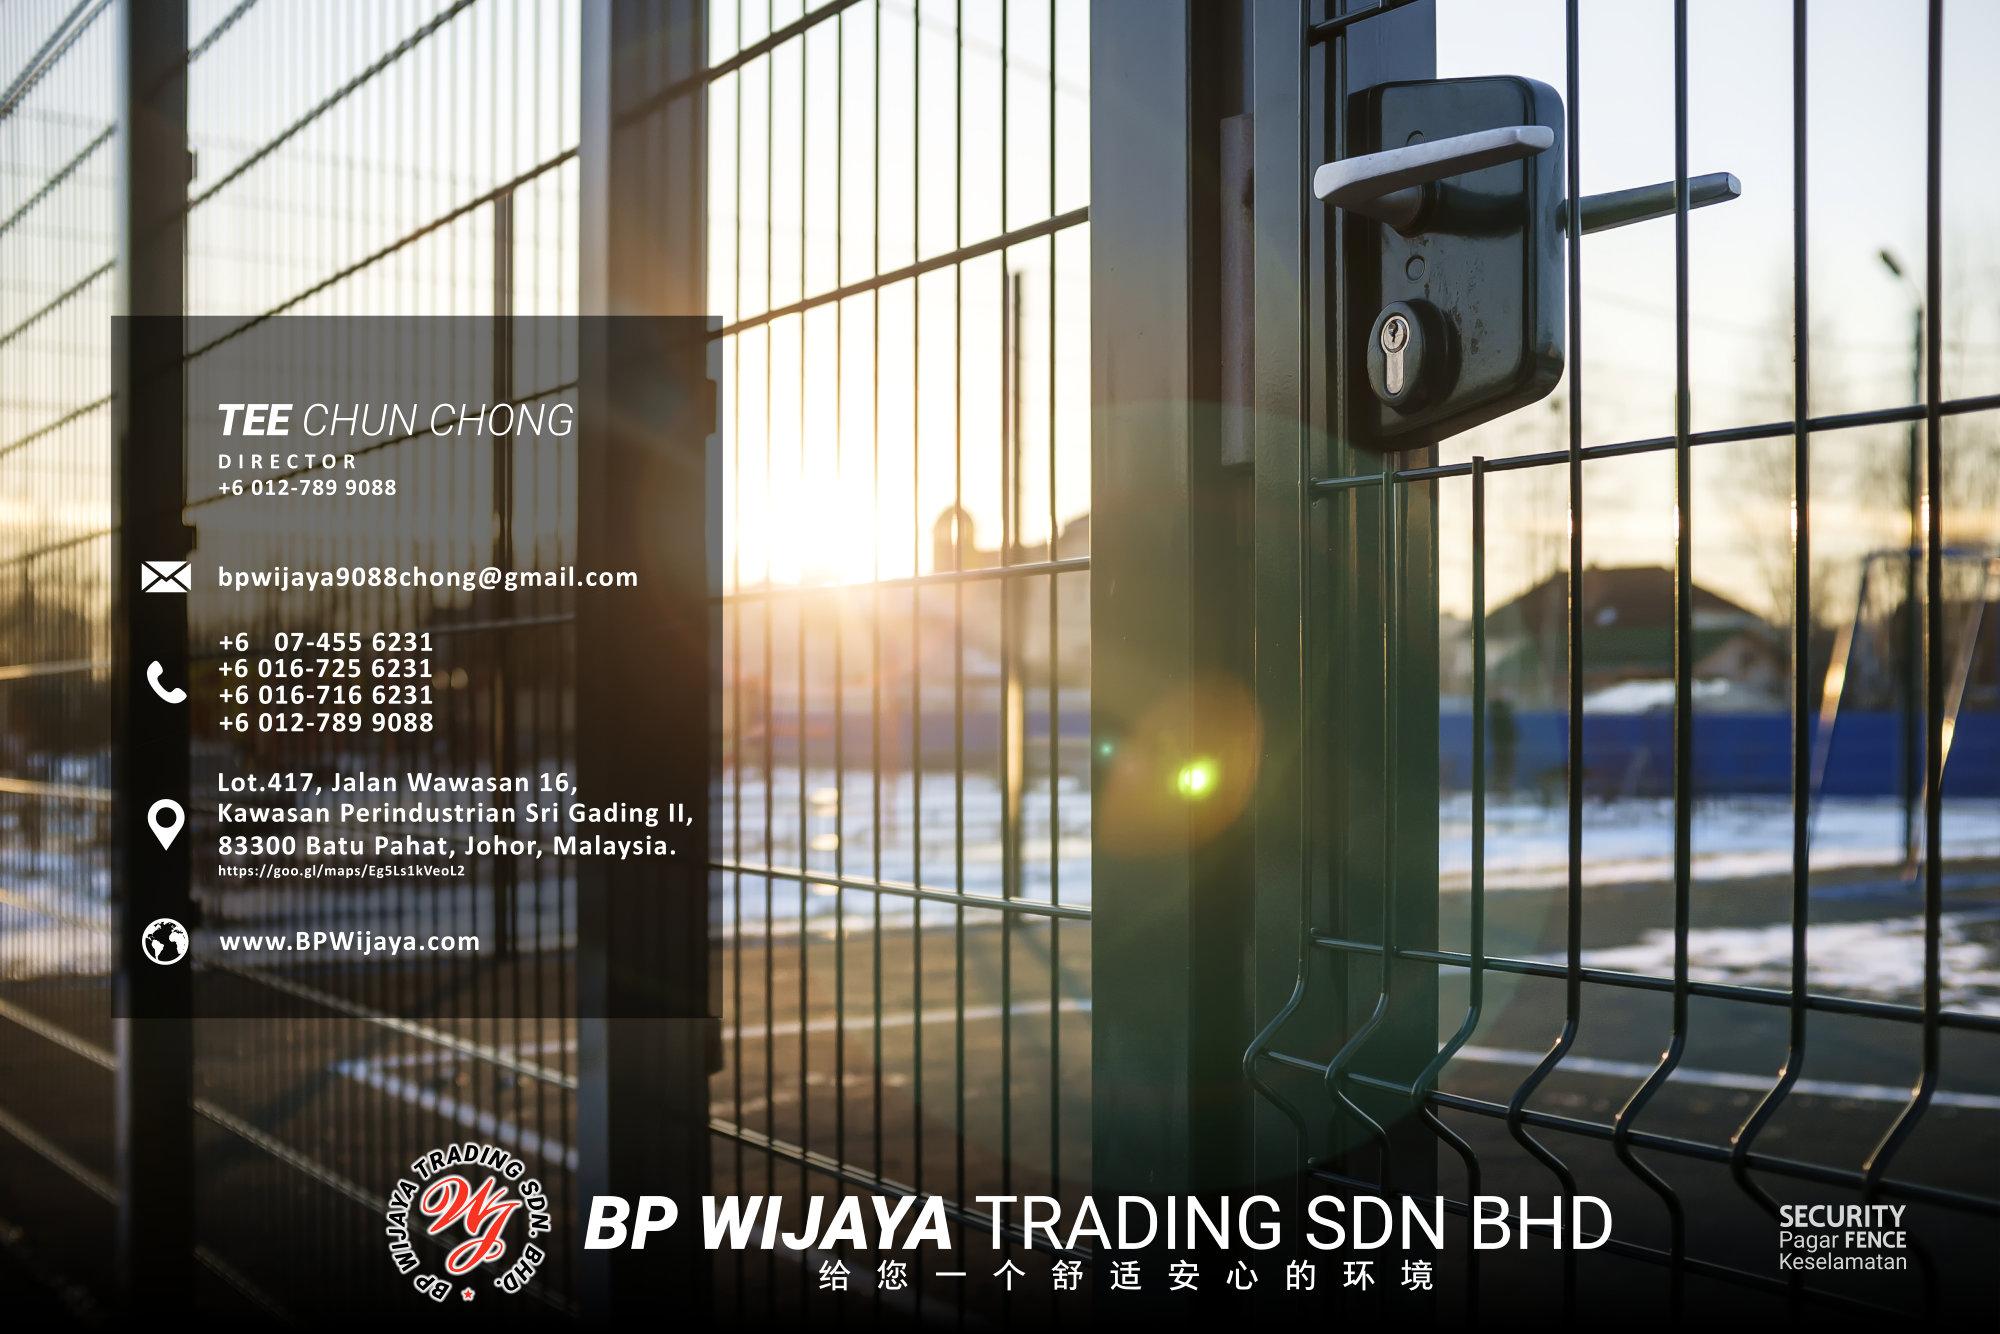 吉隆坡安全篱笆供应商 - 我们是安全篱笆制造商 BP Wijaya Trading Sdn Bhd 住家围栏篱笆 提供 吉隆坡篱笆 建筑材料 给 发展商 花园 公寓 住家 工厂 农场 果园 安全藩篱 建设 A03-005